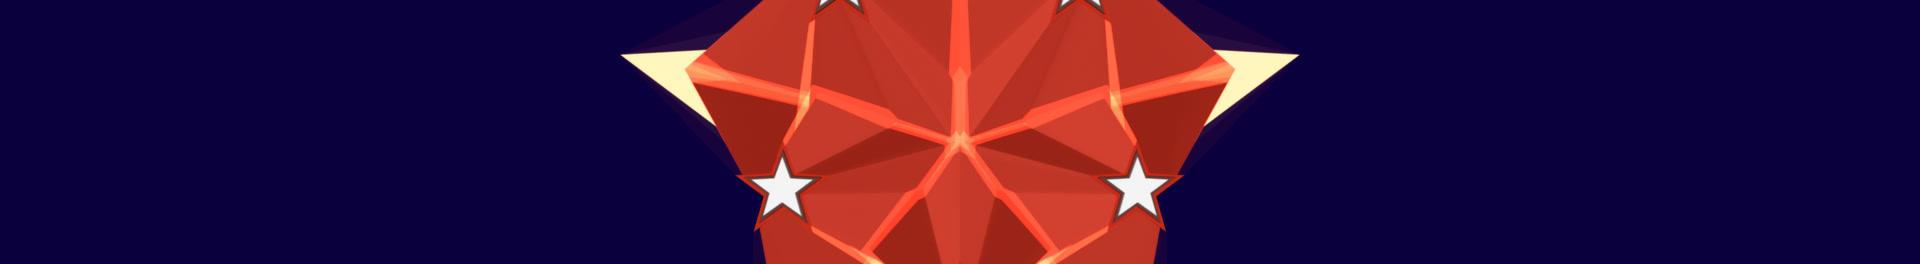 superStar2 full Animation